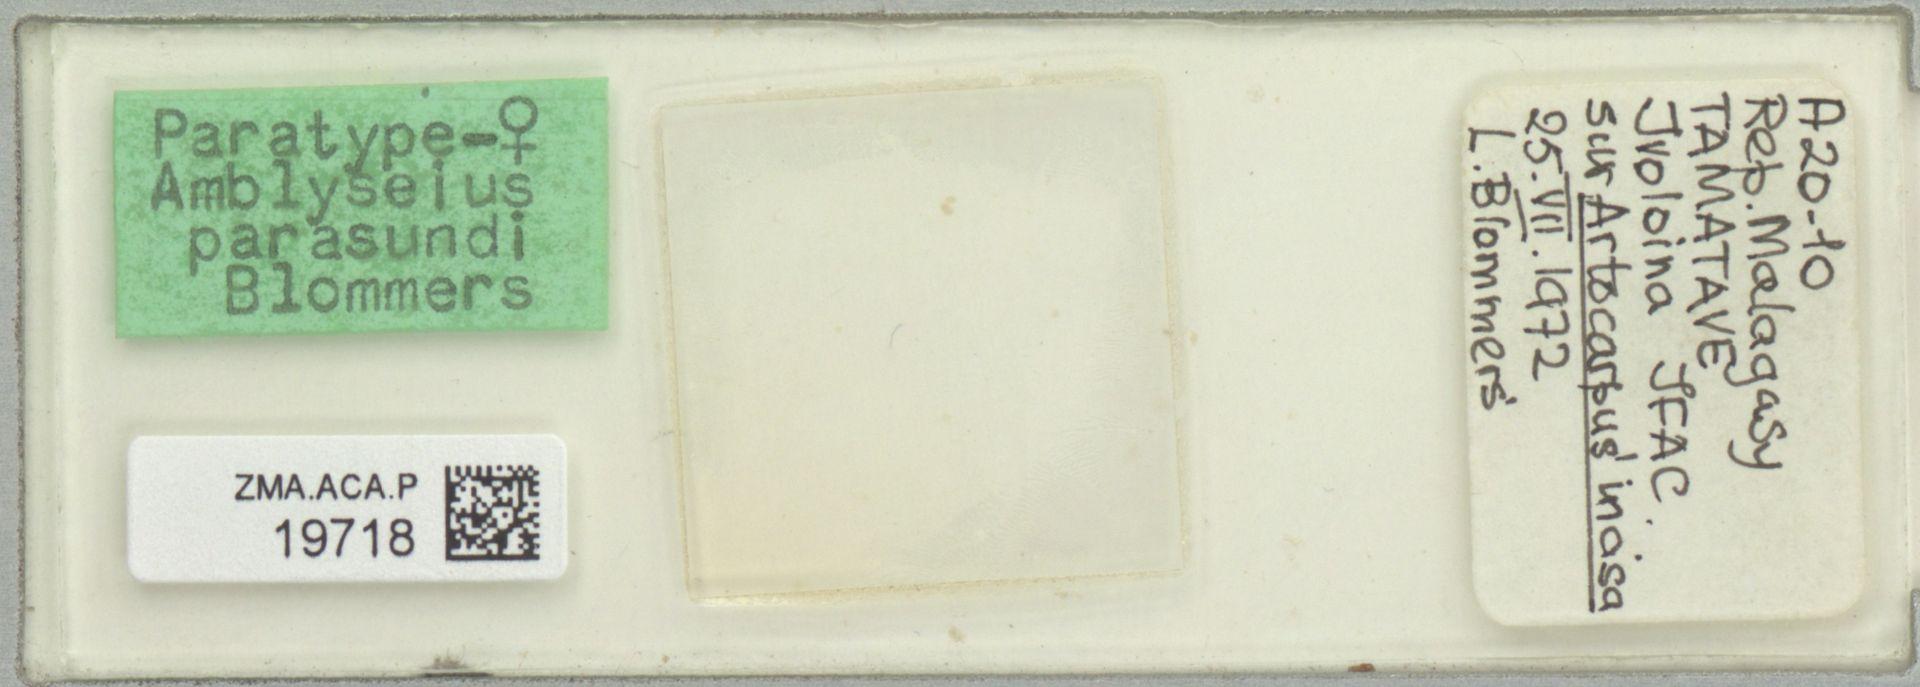 ZMA.ACA.P.19718 | Amblyseius parasundi